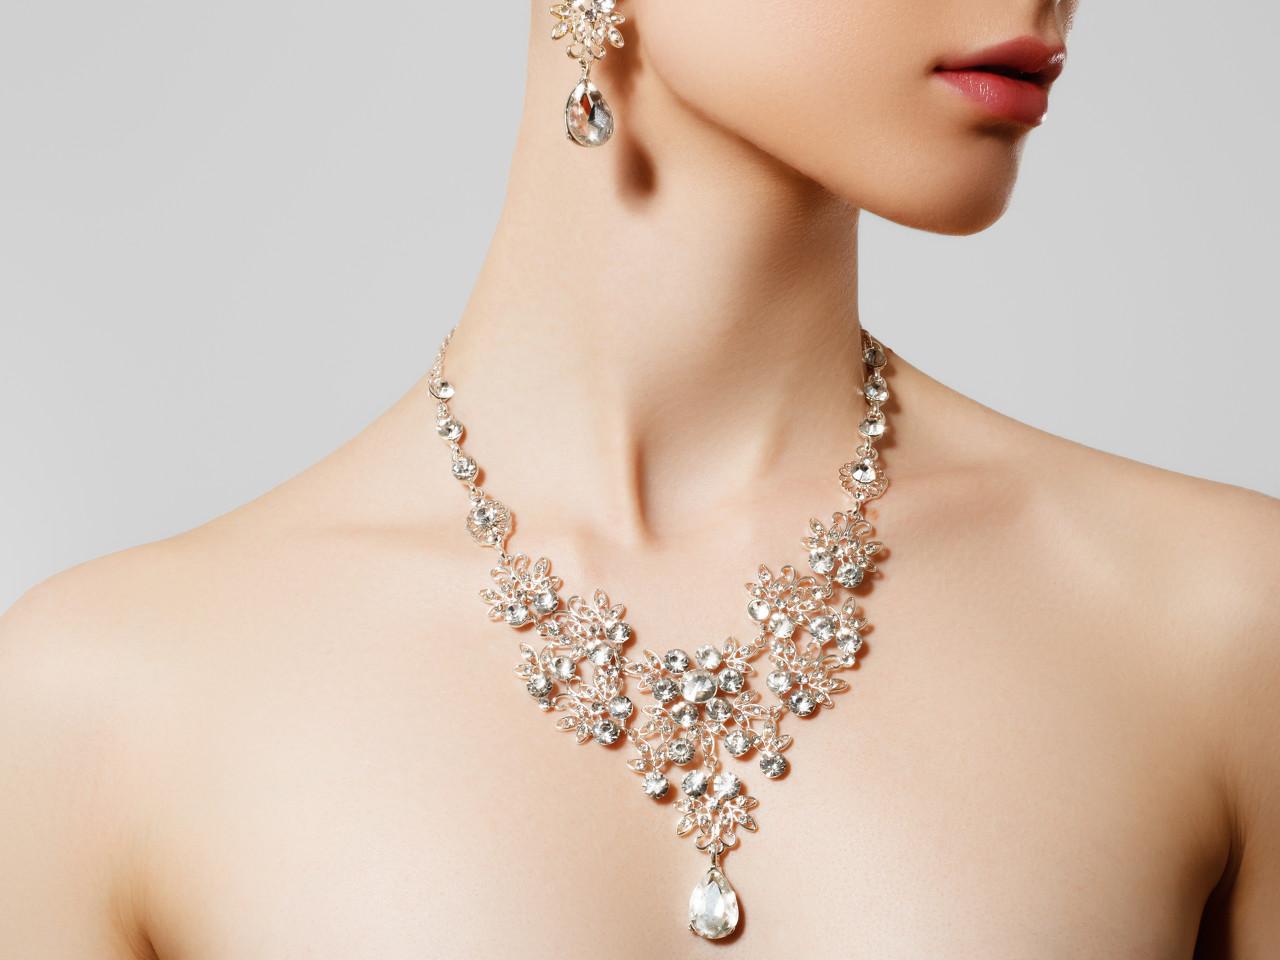 致敬历史中的杰出女性人物 宝格丽呈现「Magnifica」高级珠宝系列